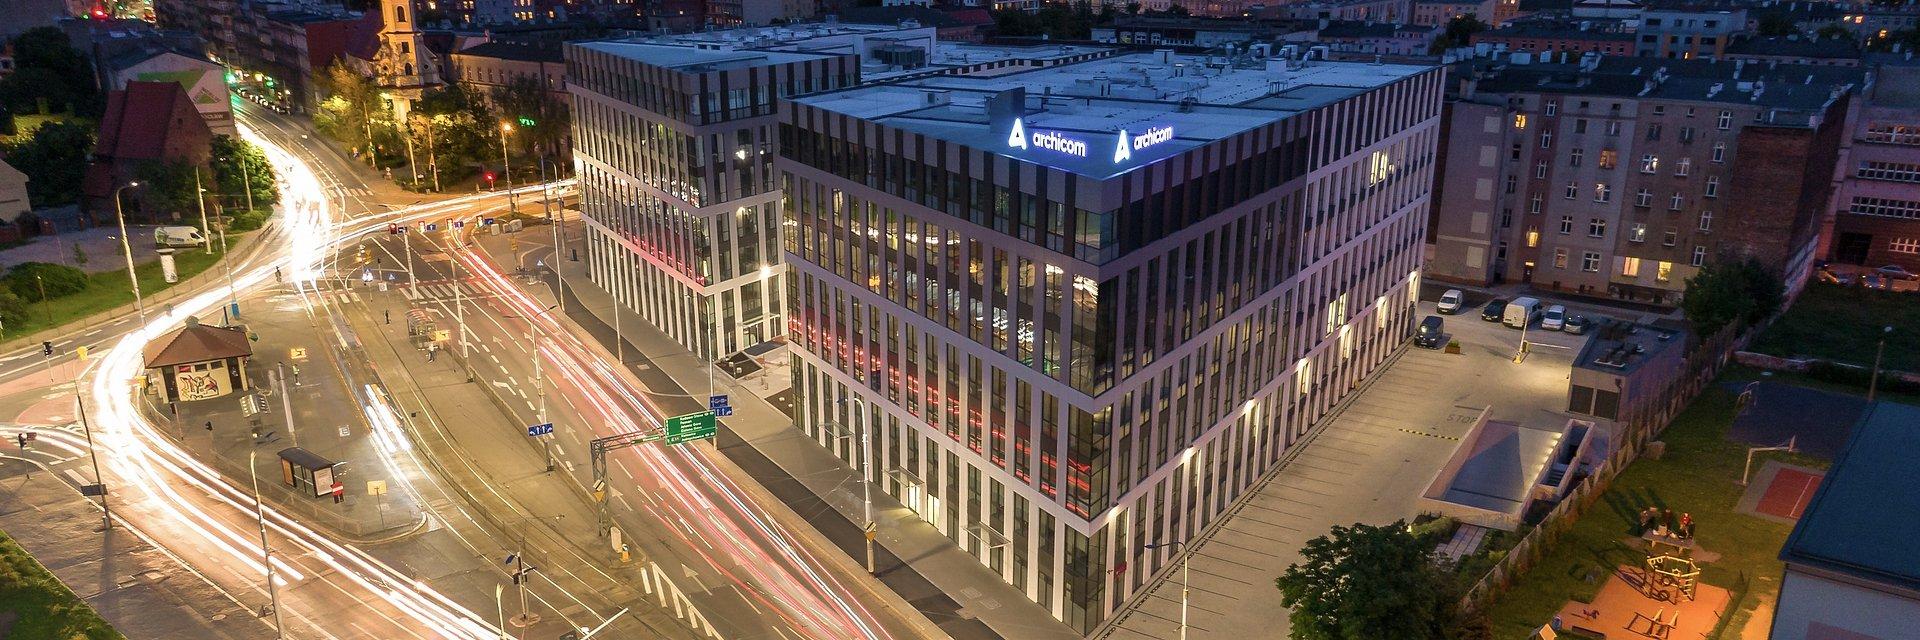 Millennium Bank w nowej lokalizacji we Wrocławiu